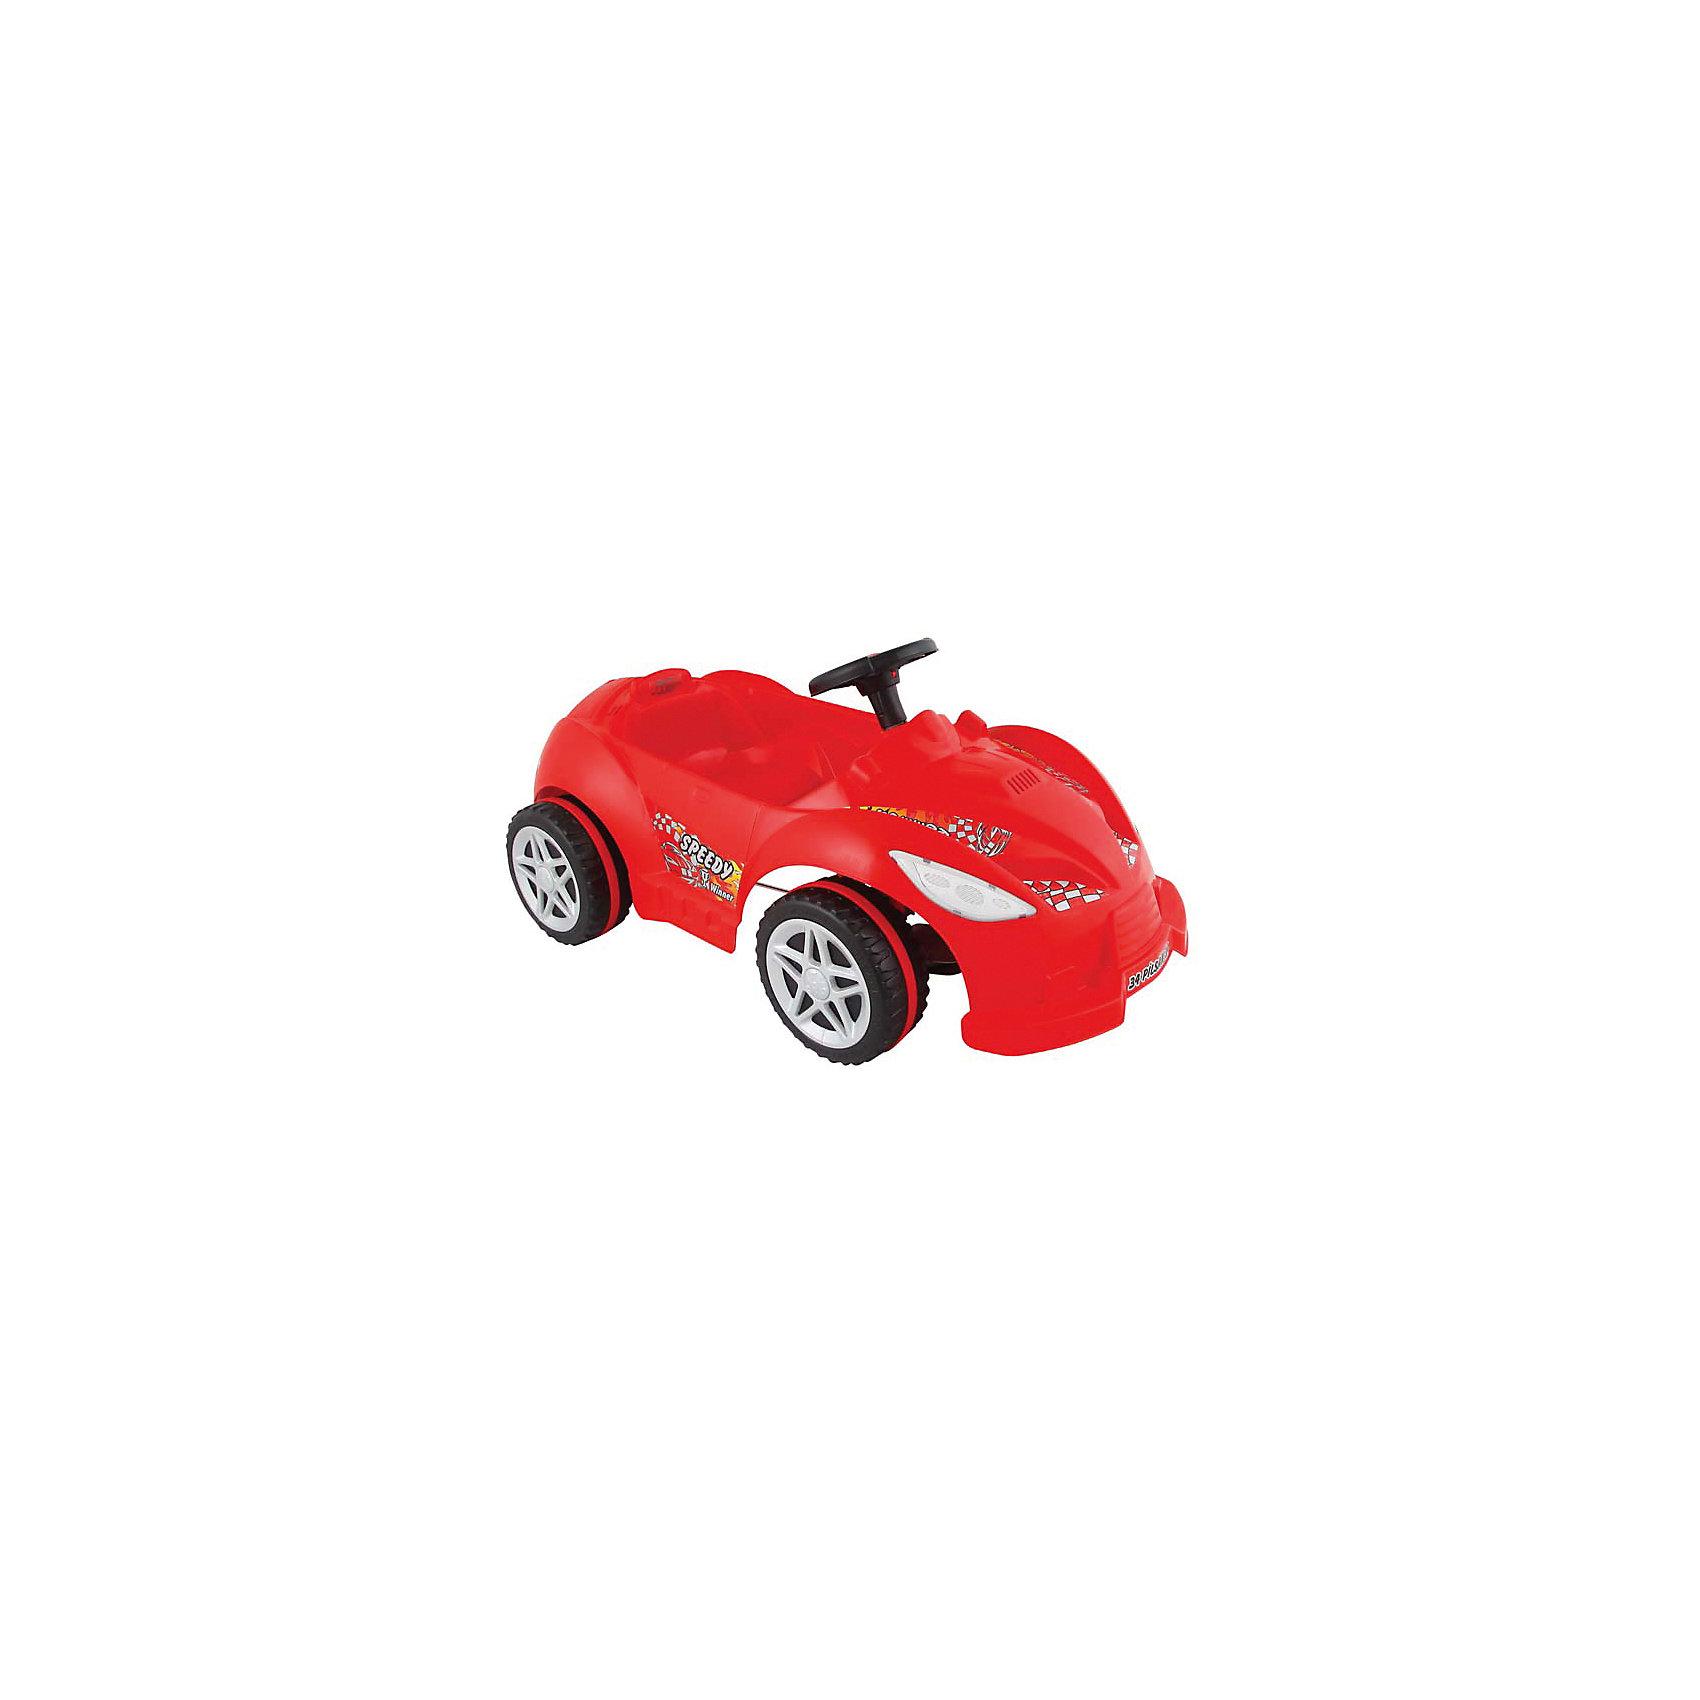 Педальная машина SPEEDY, PILSANМашинки-каталки<br>Характеристики товара:<br><br>• цвет: красный<br>• возраст: от 3 лет<br>• цельный корпус<br>• рельефные колеса<br>• звуковой сигнал<br>• прямой педальный привод<br>• рулевое управление<br>• максимальная нагрузка: 50 кг<br>• материал: пластик<br>• размер упаковки: 39х108х61 см<br>• вес: 5,6 кг<br><br>Педальная машина SPEEDY PILSAN придётся по вкусу начинающим гонщикам. <br><br>Она имеет цельный корпус, изготовленный из прочного безопасного пластика. Машина оснащена механическим гудком, который принесёт ещё больше радости во время поездки. <br><br>Управлять автомобилем очень просто - достаточно лишь крутить педали и поворачивать руль. <br><br>Яркая гоночная машина никого не оставит равнодушным!<br><br>Педальную машину SPEEDY, PILSAN (Пилсан) вы можете купить в нашем интернет-магазине.<br><br>Ширина мм: 610<br>Глубина мм: 1080<br>Высота мм: 390<br>Вес г: 5600<br>Возраст от месяцев: 36<br>Возраст до месяцев: 84<br>Пол: Унисекс<br>Возраст: Детский<br>SKU: 5512030